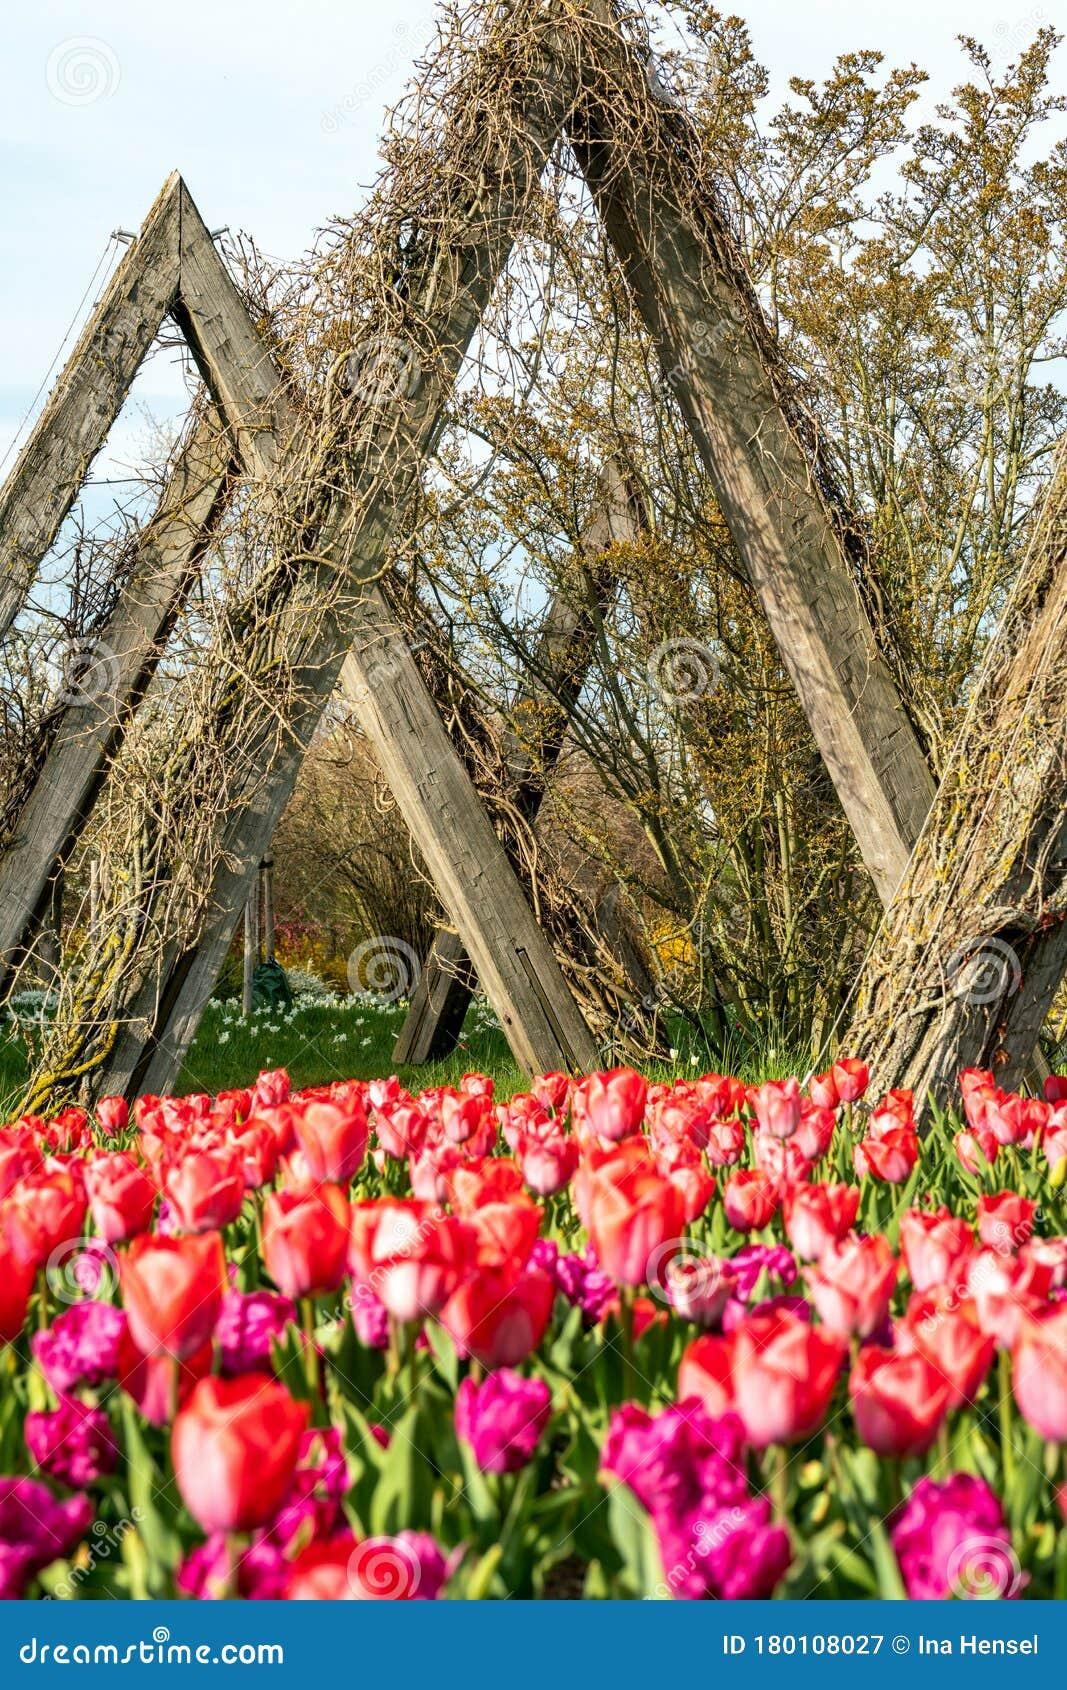 Garten 2021 britzer tulipan Tulipan im